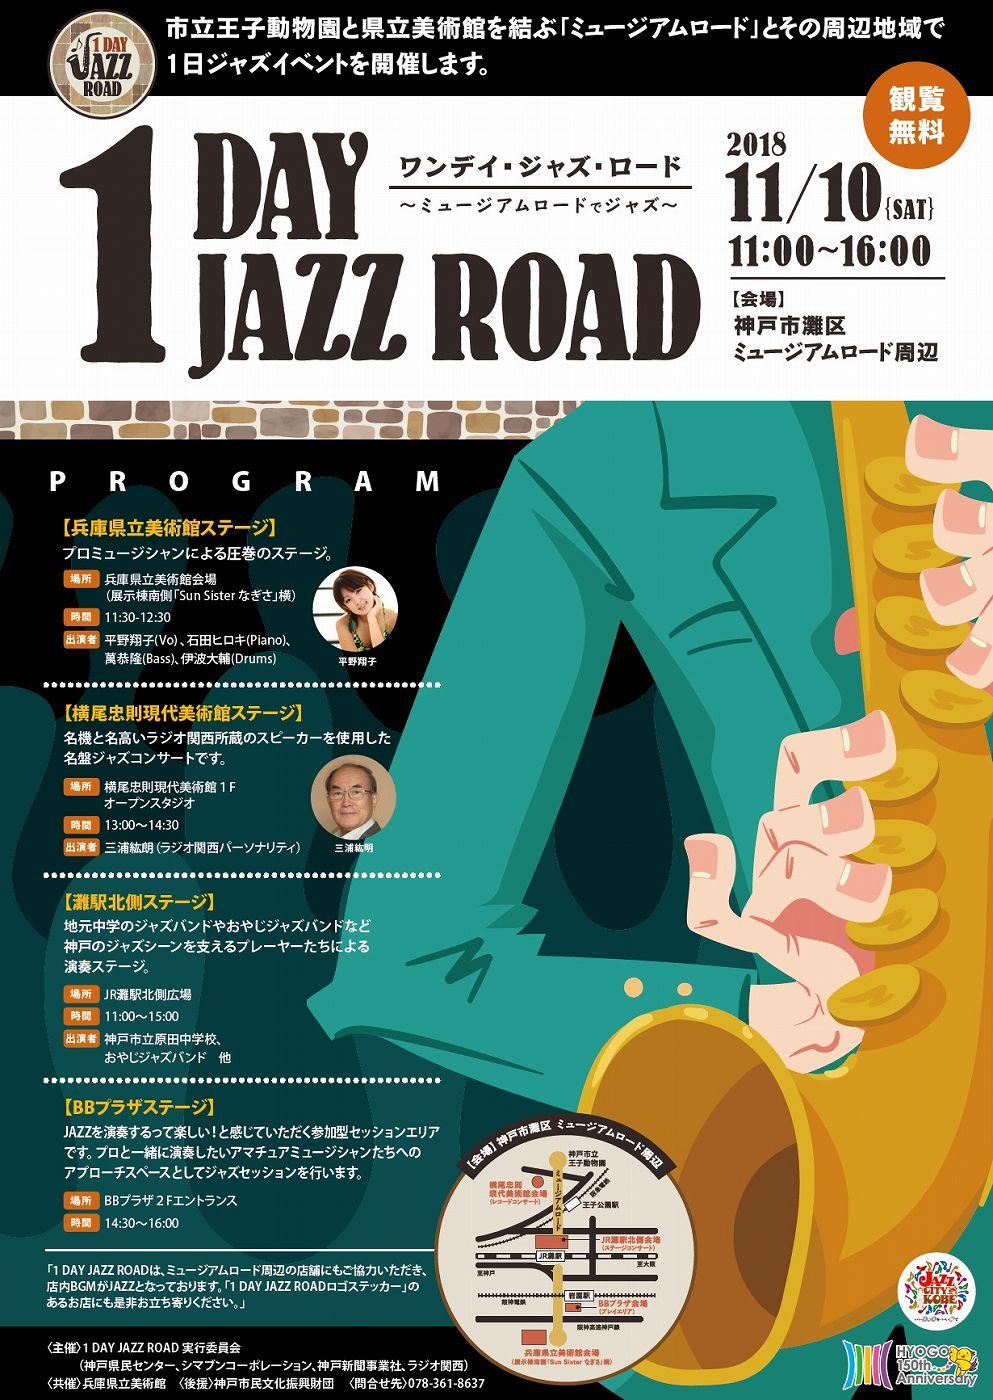 神戸市立王子動物公園~兵庫県立美術館を結ぶ「ミュージアムロード」で11月10日、ジャズイベント「1 DAY JAZZ ROAD」が開催されるよ! #ジャズイベント #ミュージアムロード #灘区